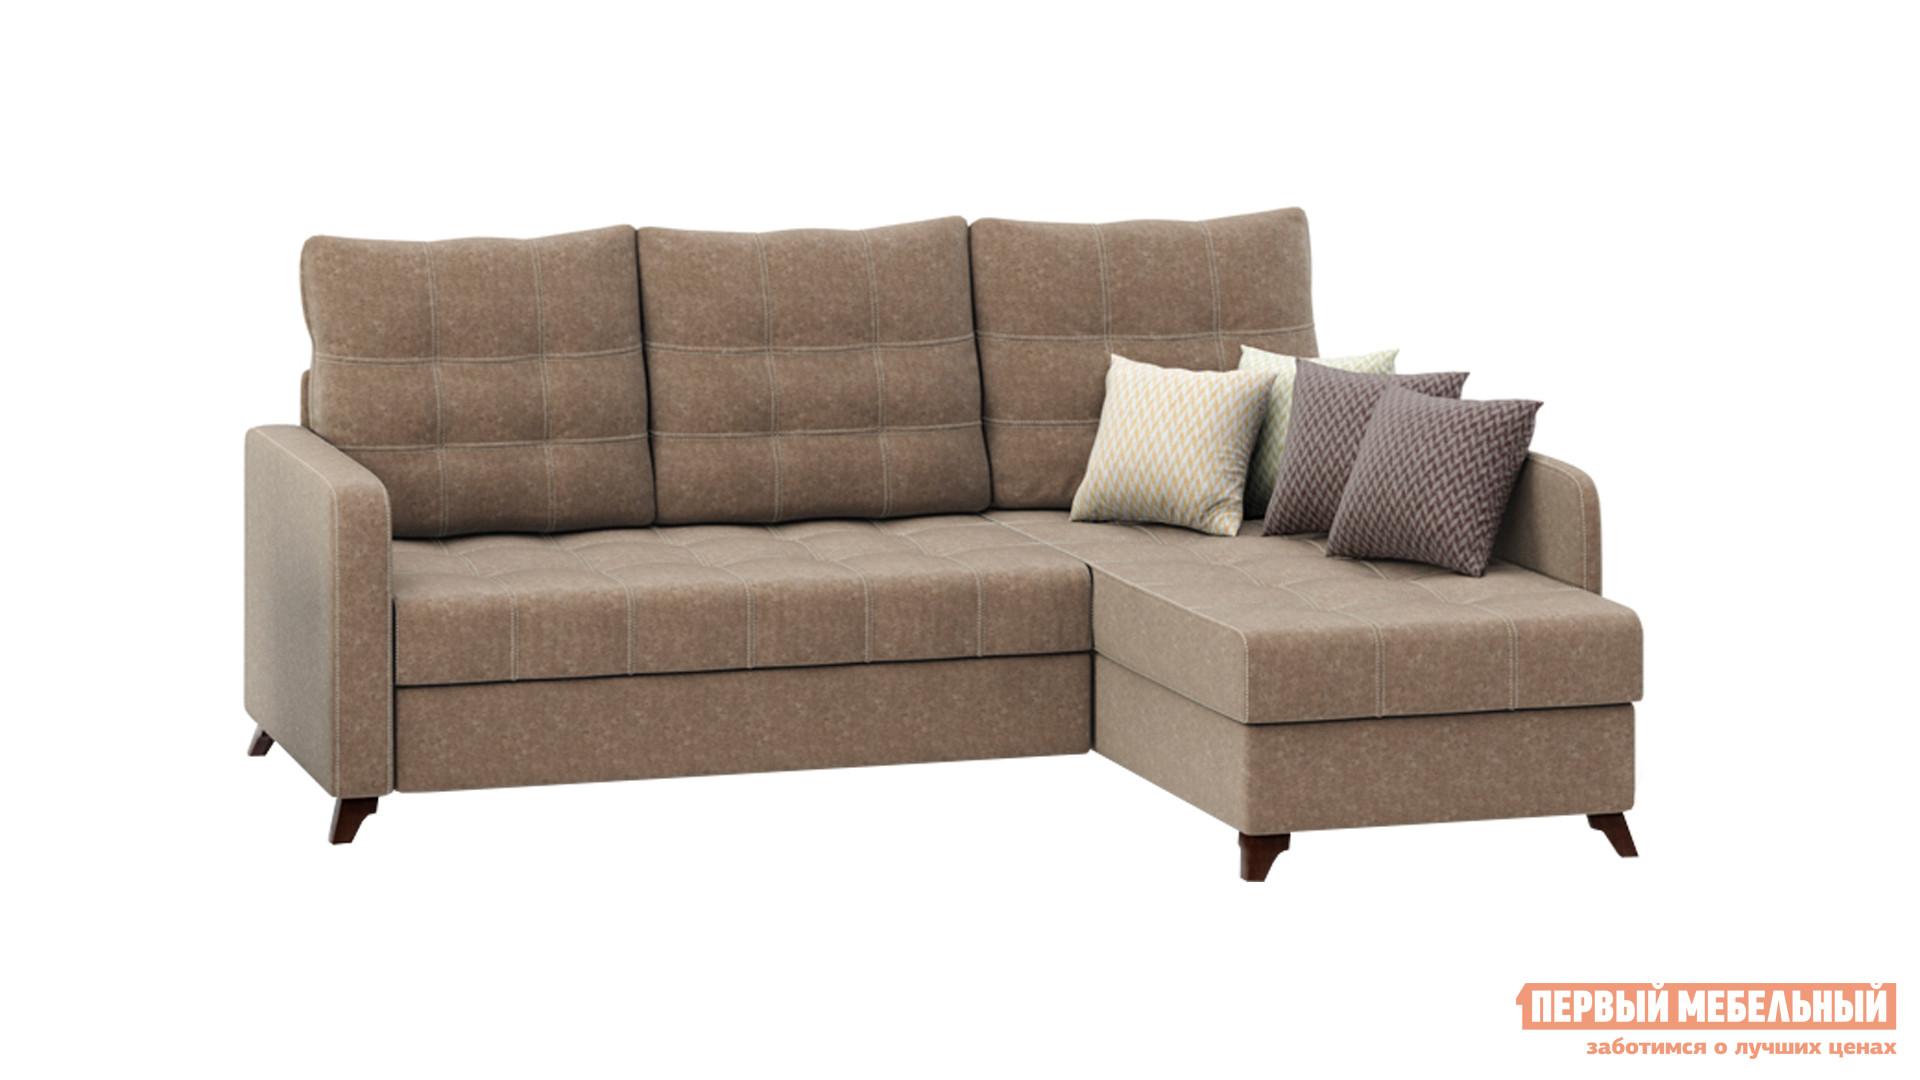 Угловой диван Первый Мебельный Квадро угловой